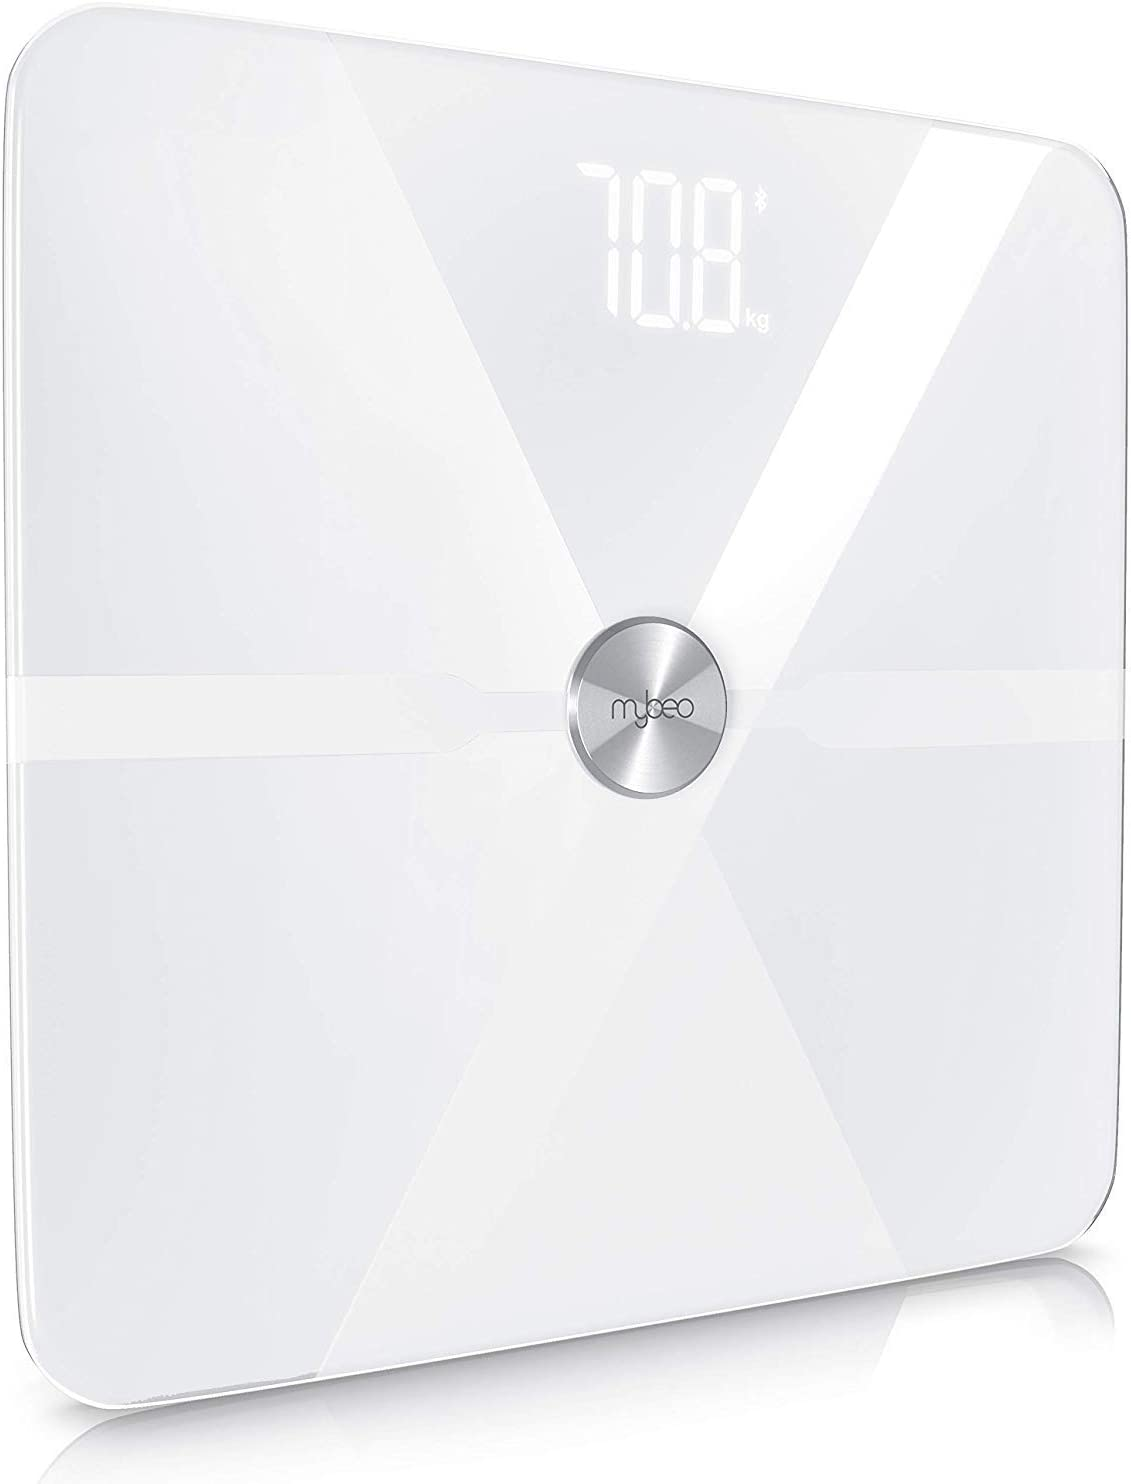 MyBeo – Báscula de baño digital  Báscula para medir nivel de grasa   Balanza digital multifunción   Rango de peso 5-180 Kg   GEstionable através de App